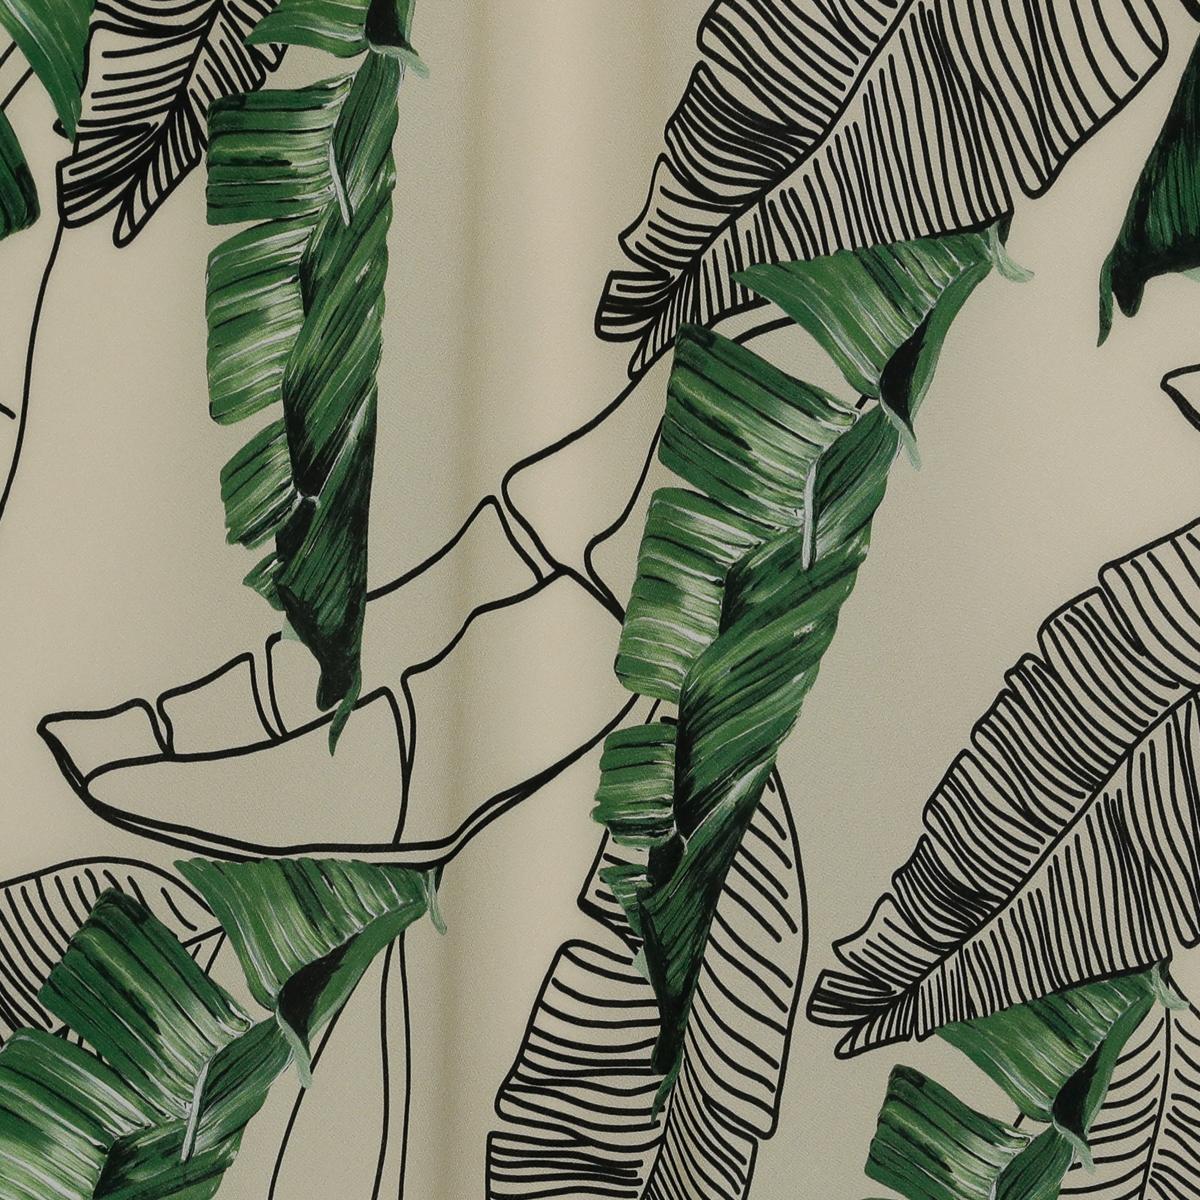 Шёлковый крепдешин пальмовые листья на бежевом